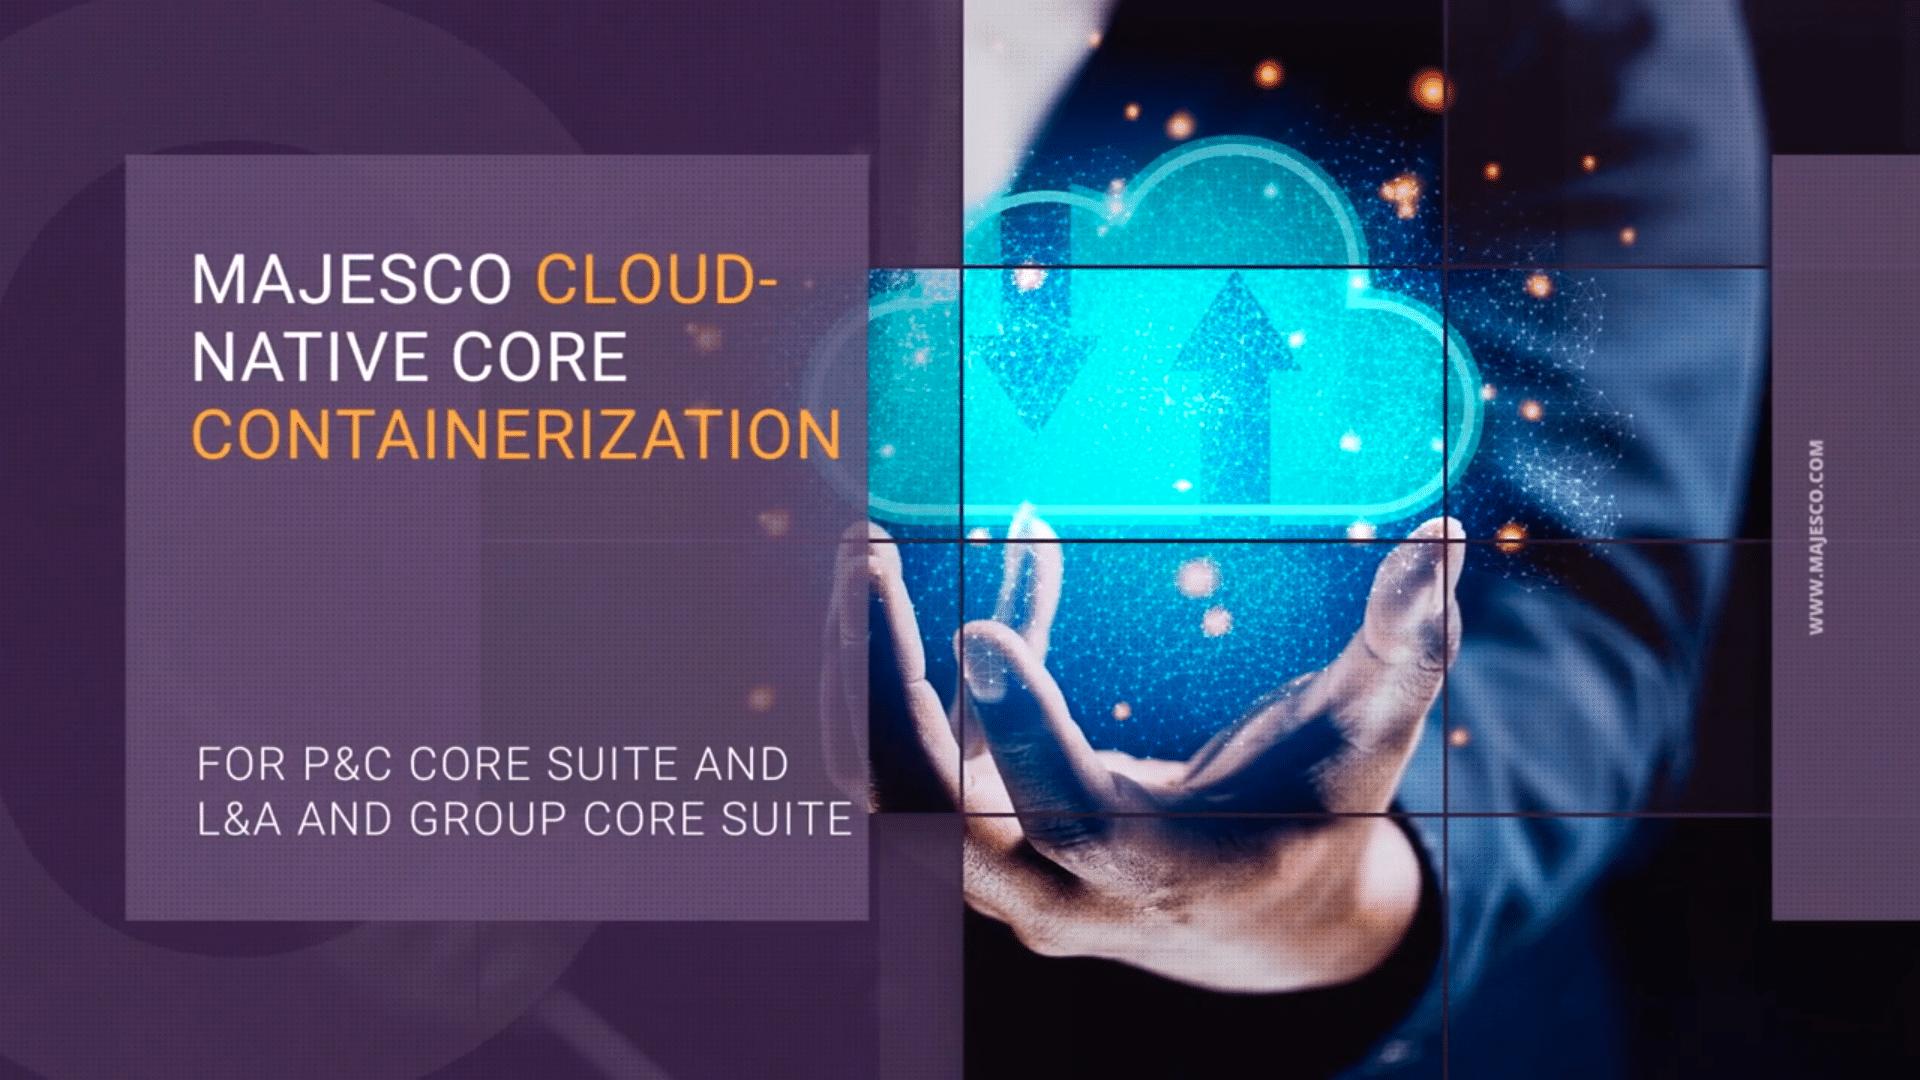 Majesco Cloud – Native Core Containerization